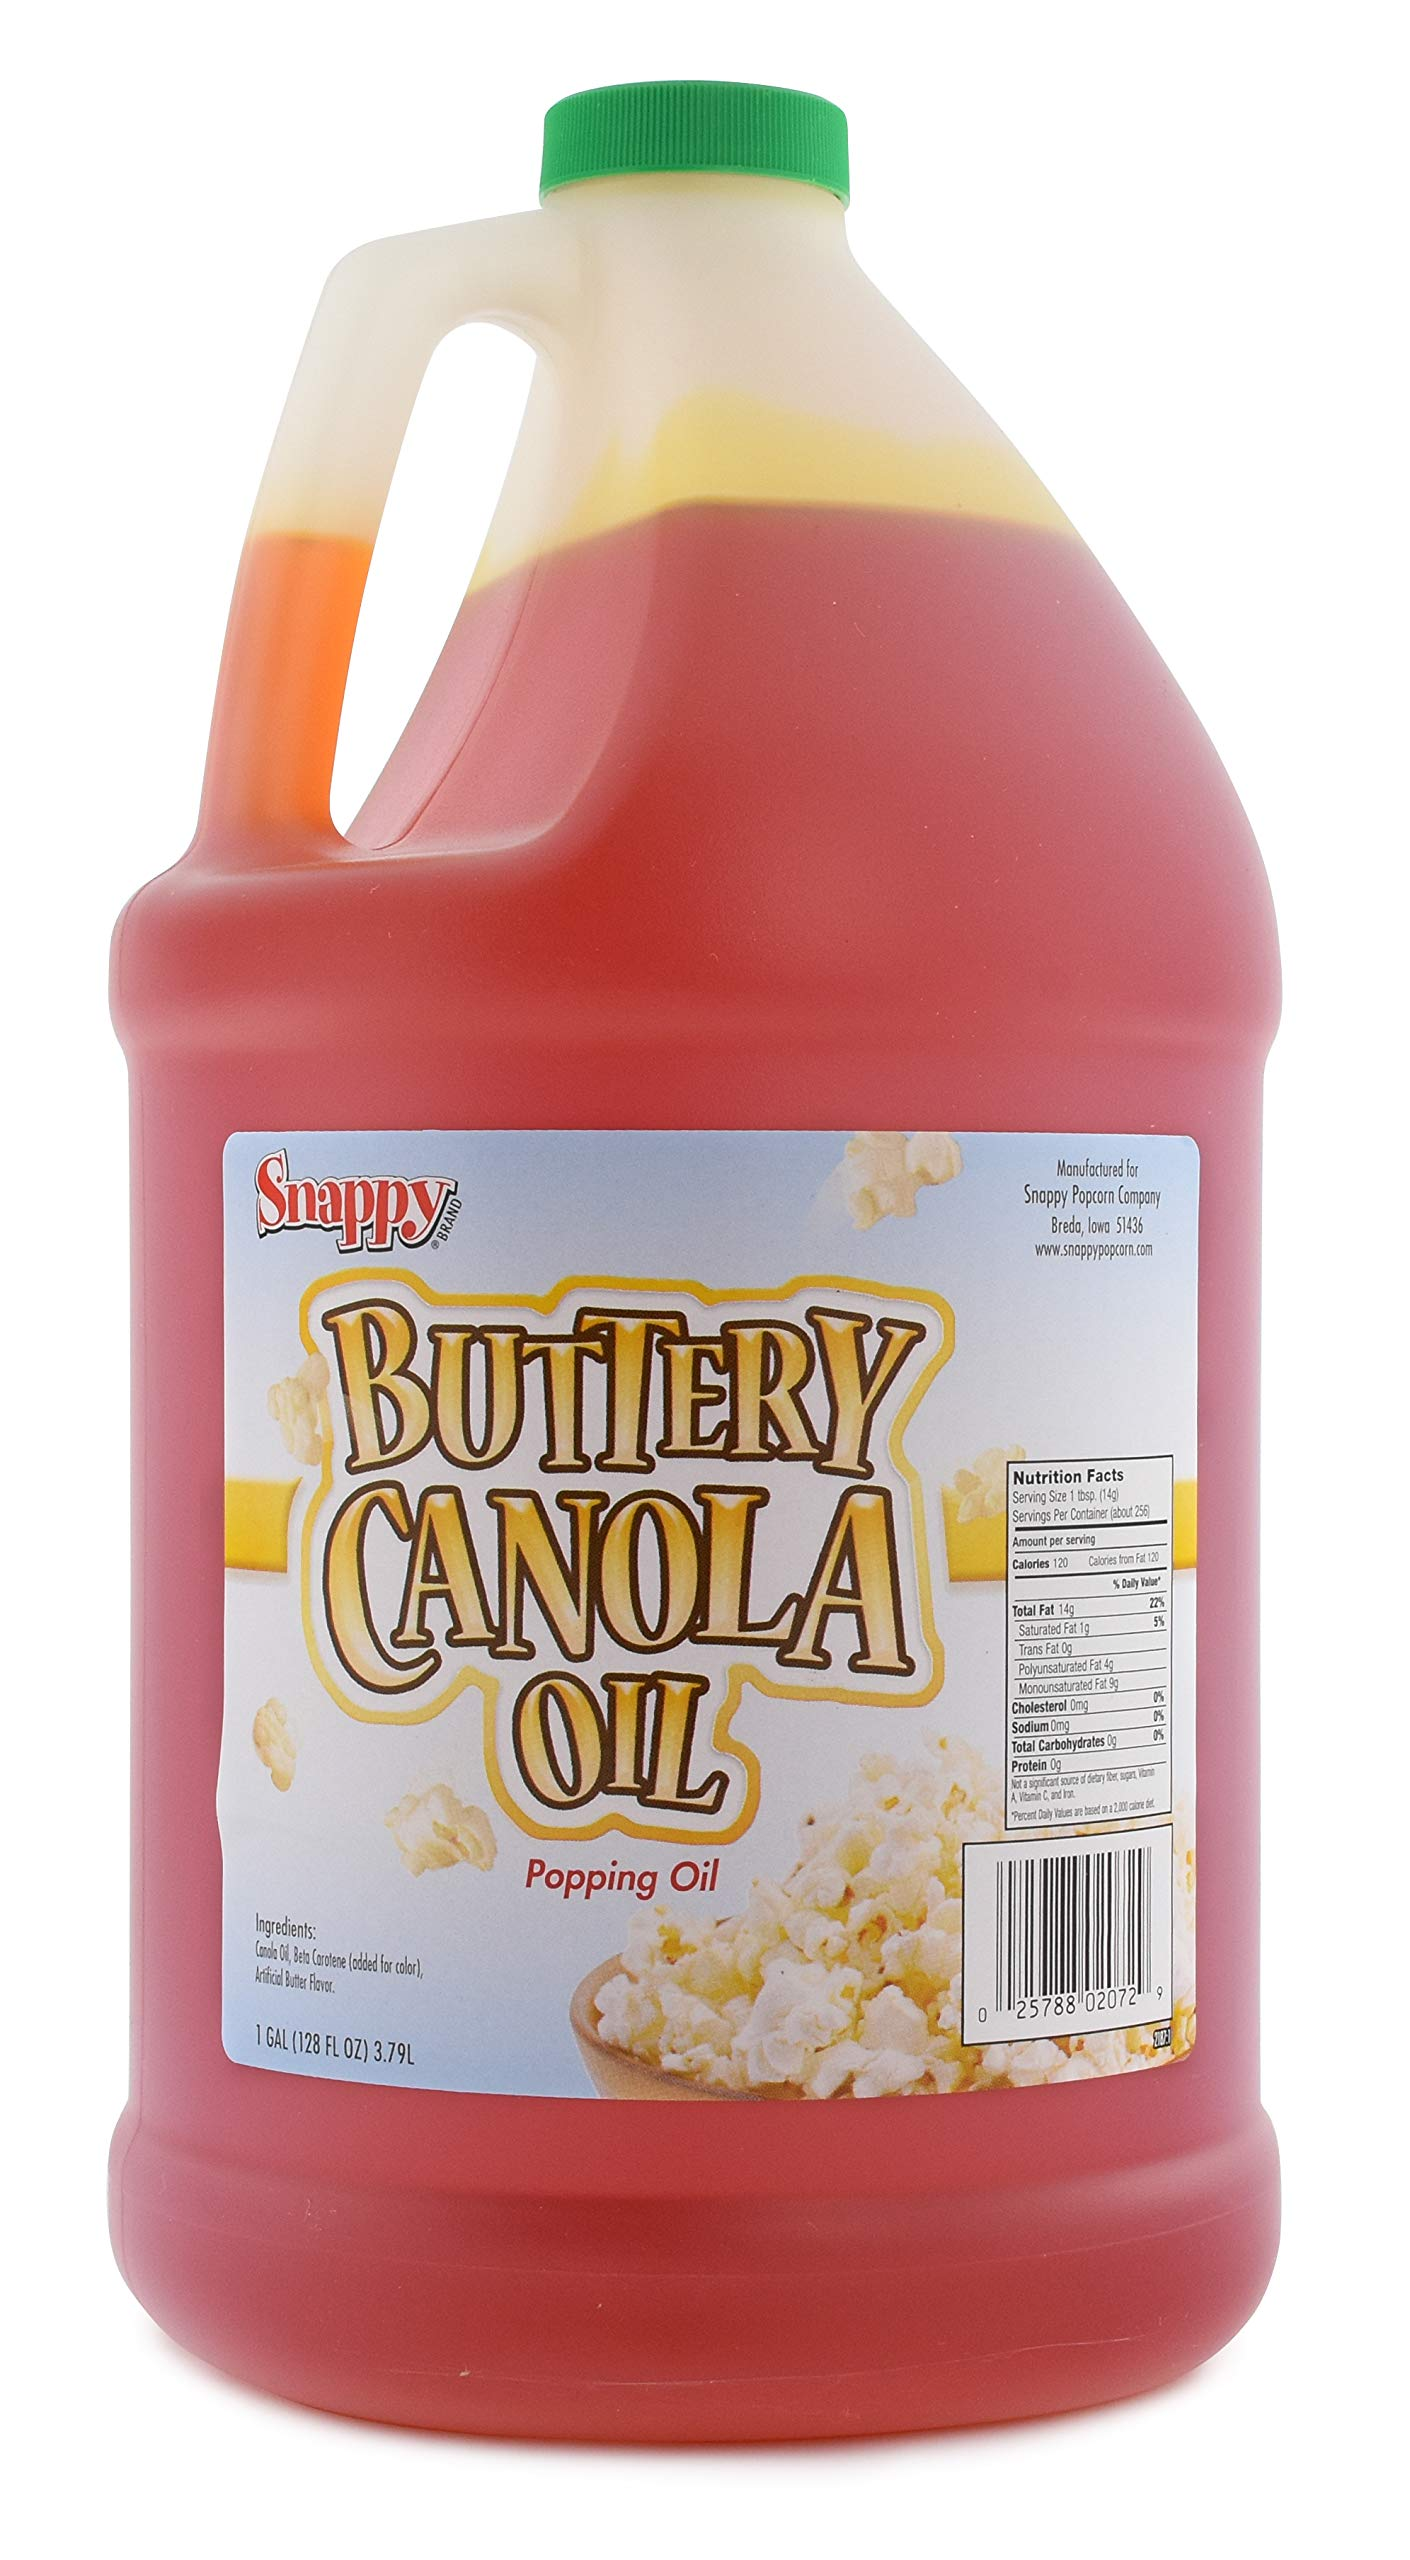 Snappy Popcorn 1 Gallon Snappy Buttery Canola Oil, 9 Pound by Snappy Popcorn